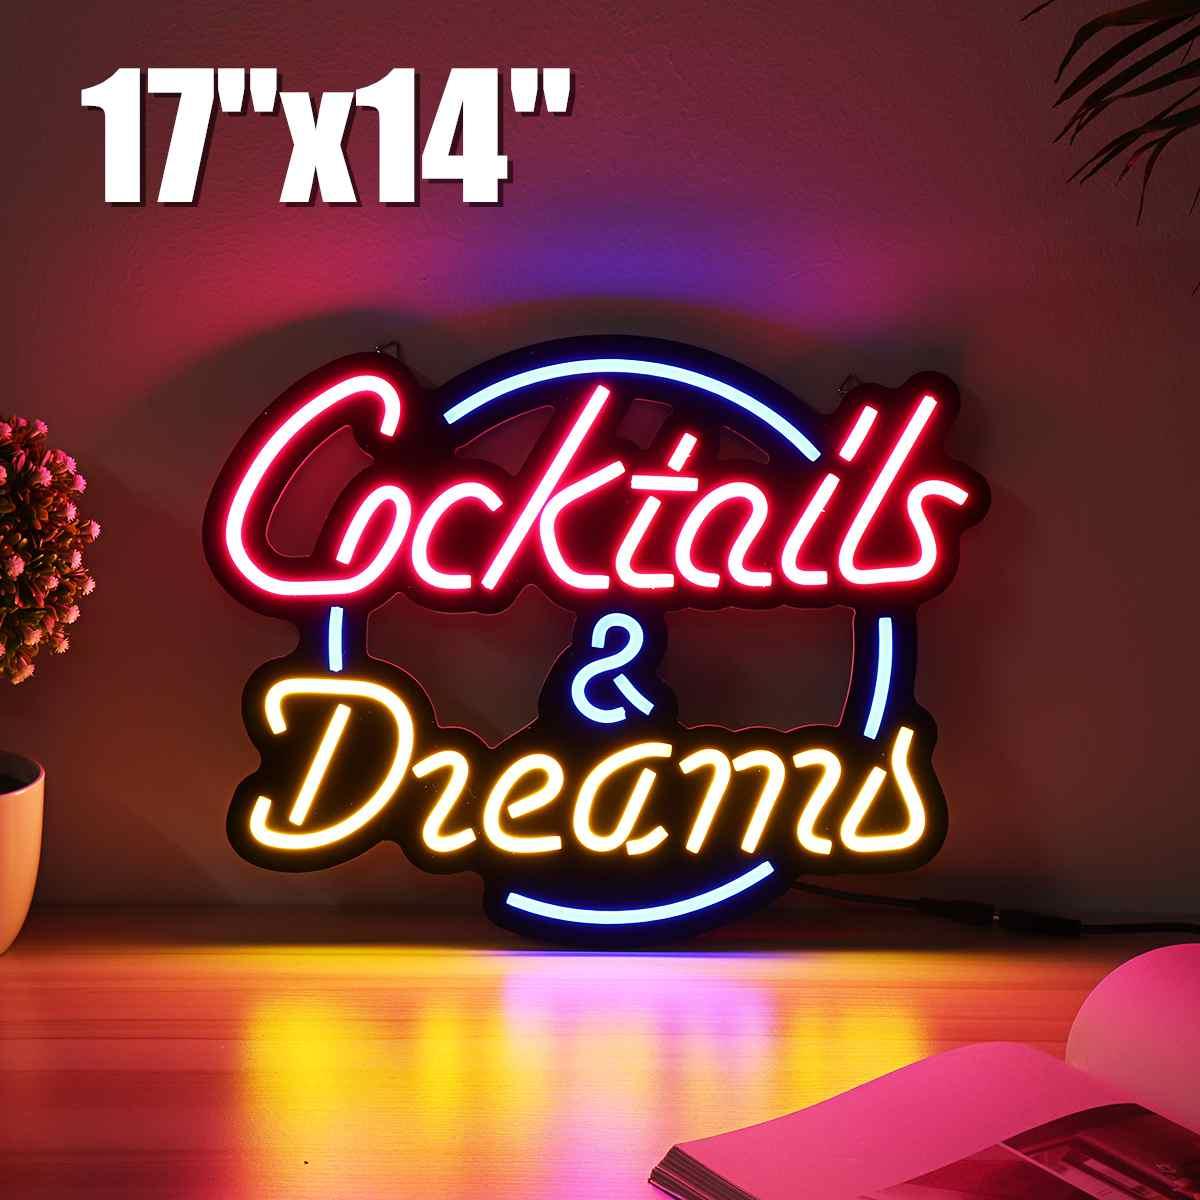 AC110-240V ค็อกเทล Dream จริงหลอดนีออน Light Sign Tavern เบียร์บาร์ผับตกแต่งโคมไฟนีออนโคมไฟเชิงพาณิชย์ 17